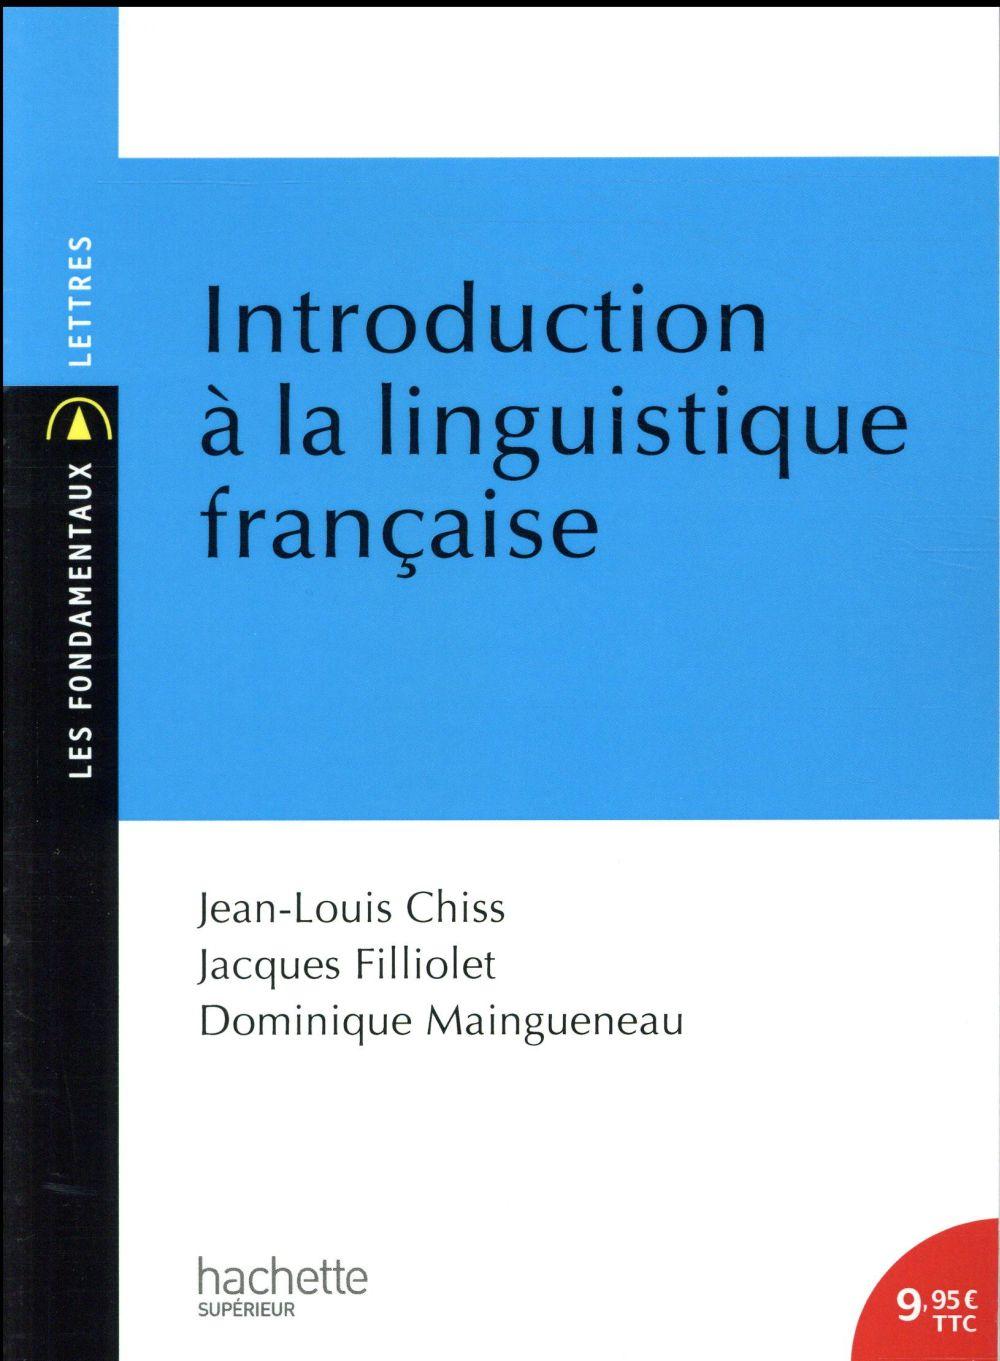 LES FONDAMENTAUX - INTRODUCTION A LA LINGUISTIQUE FRANCAISE